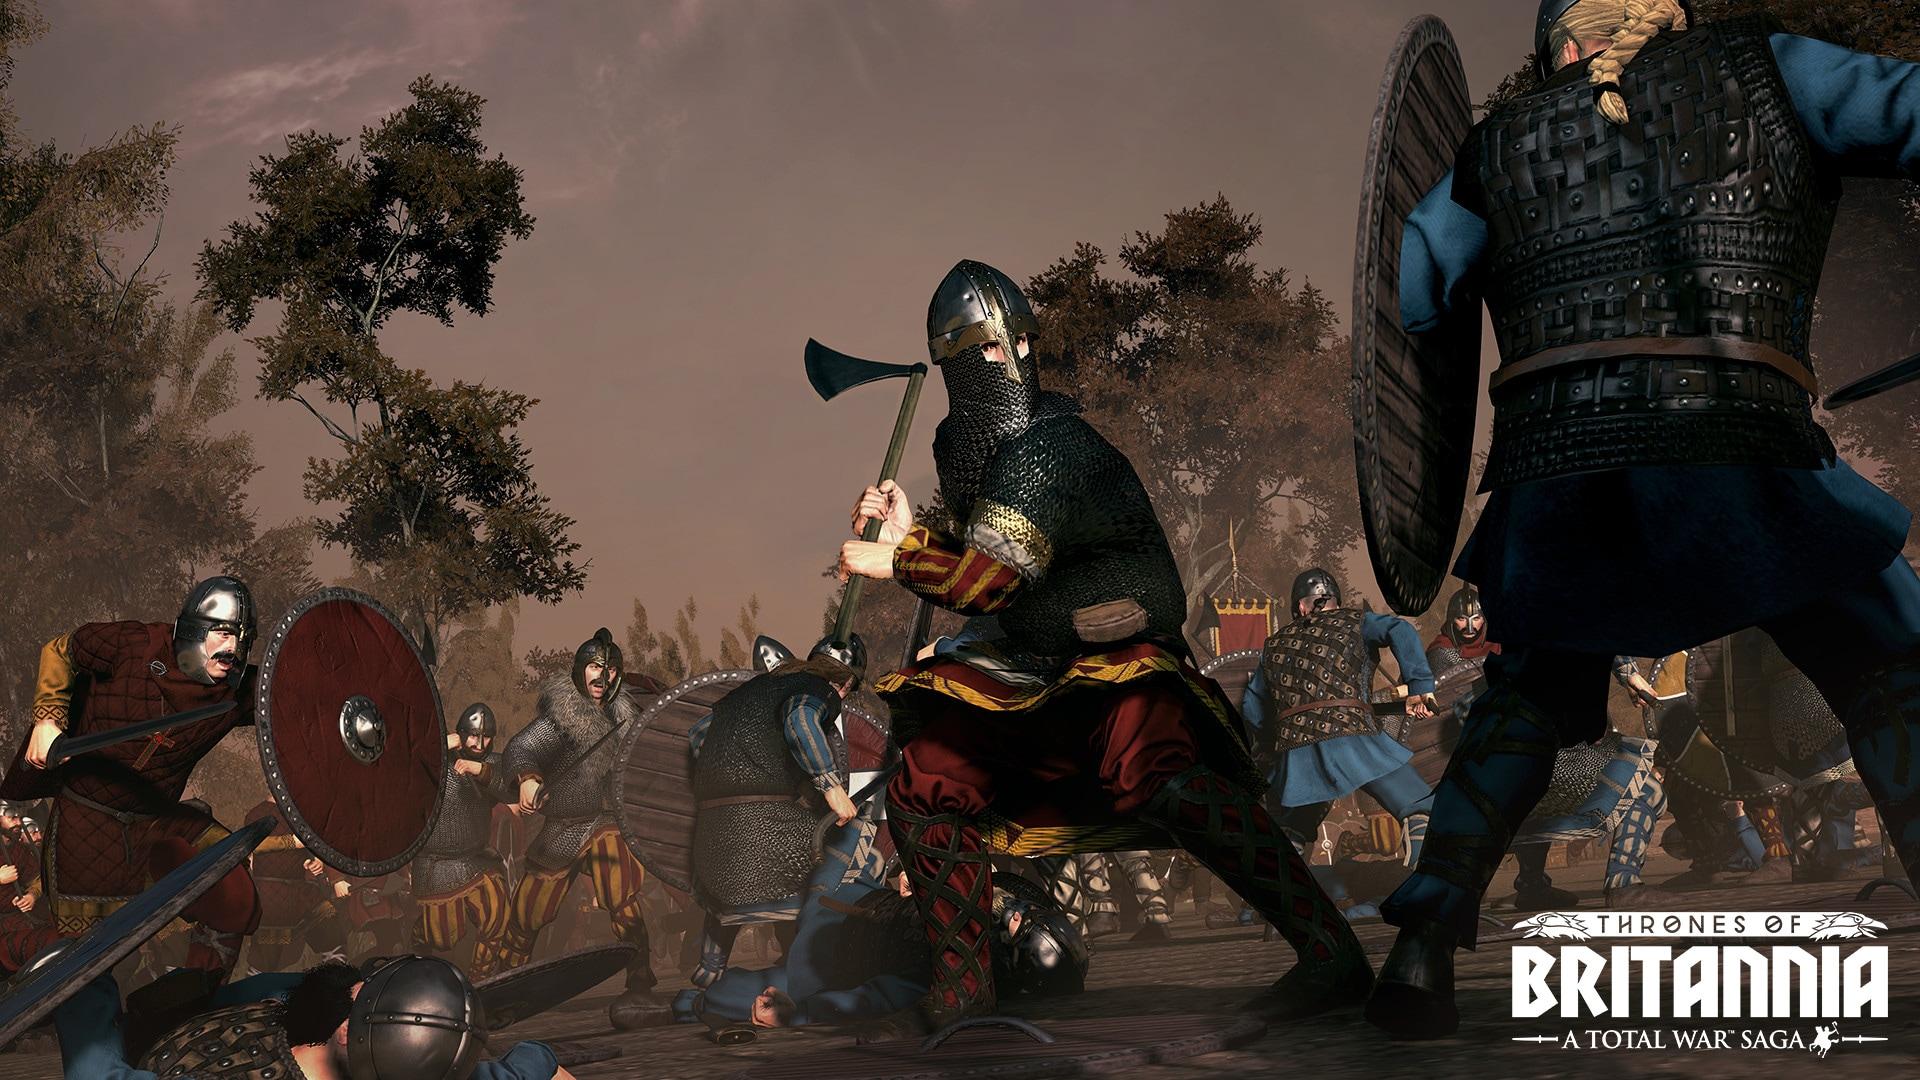 Total War Saga: Thrones of Britannia Steam Key GLOBAL - 4